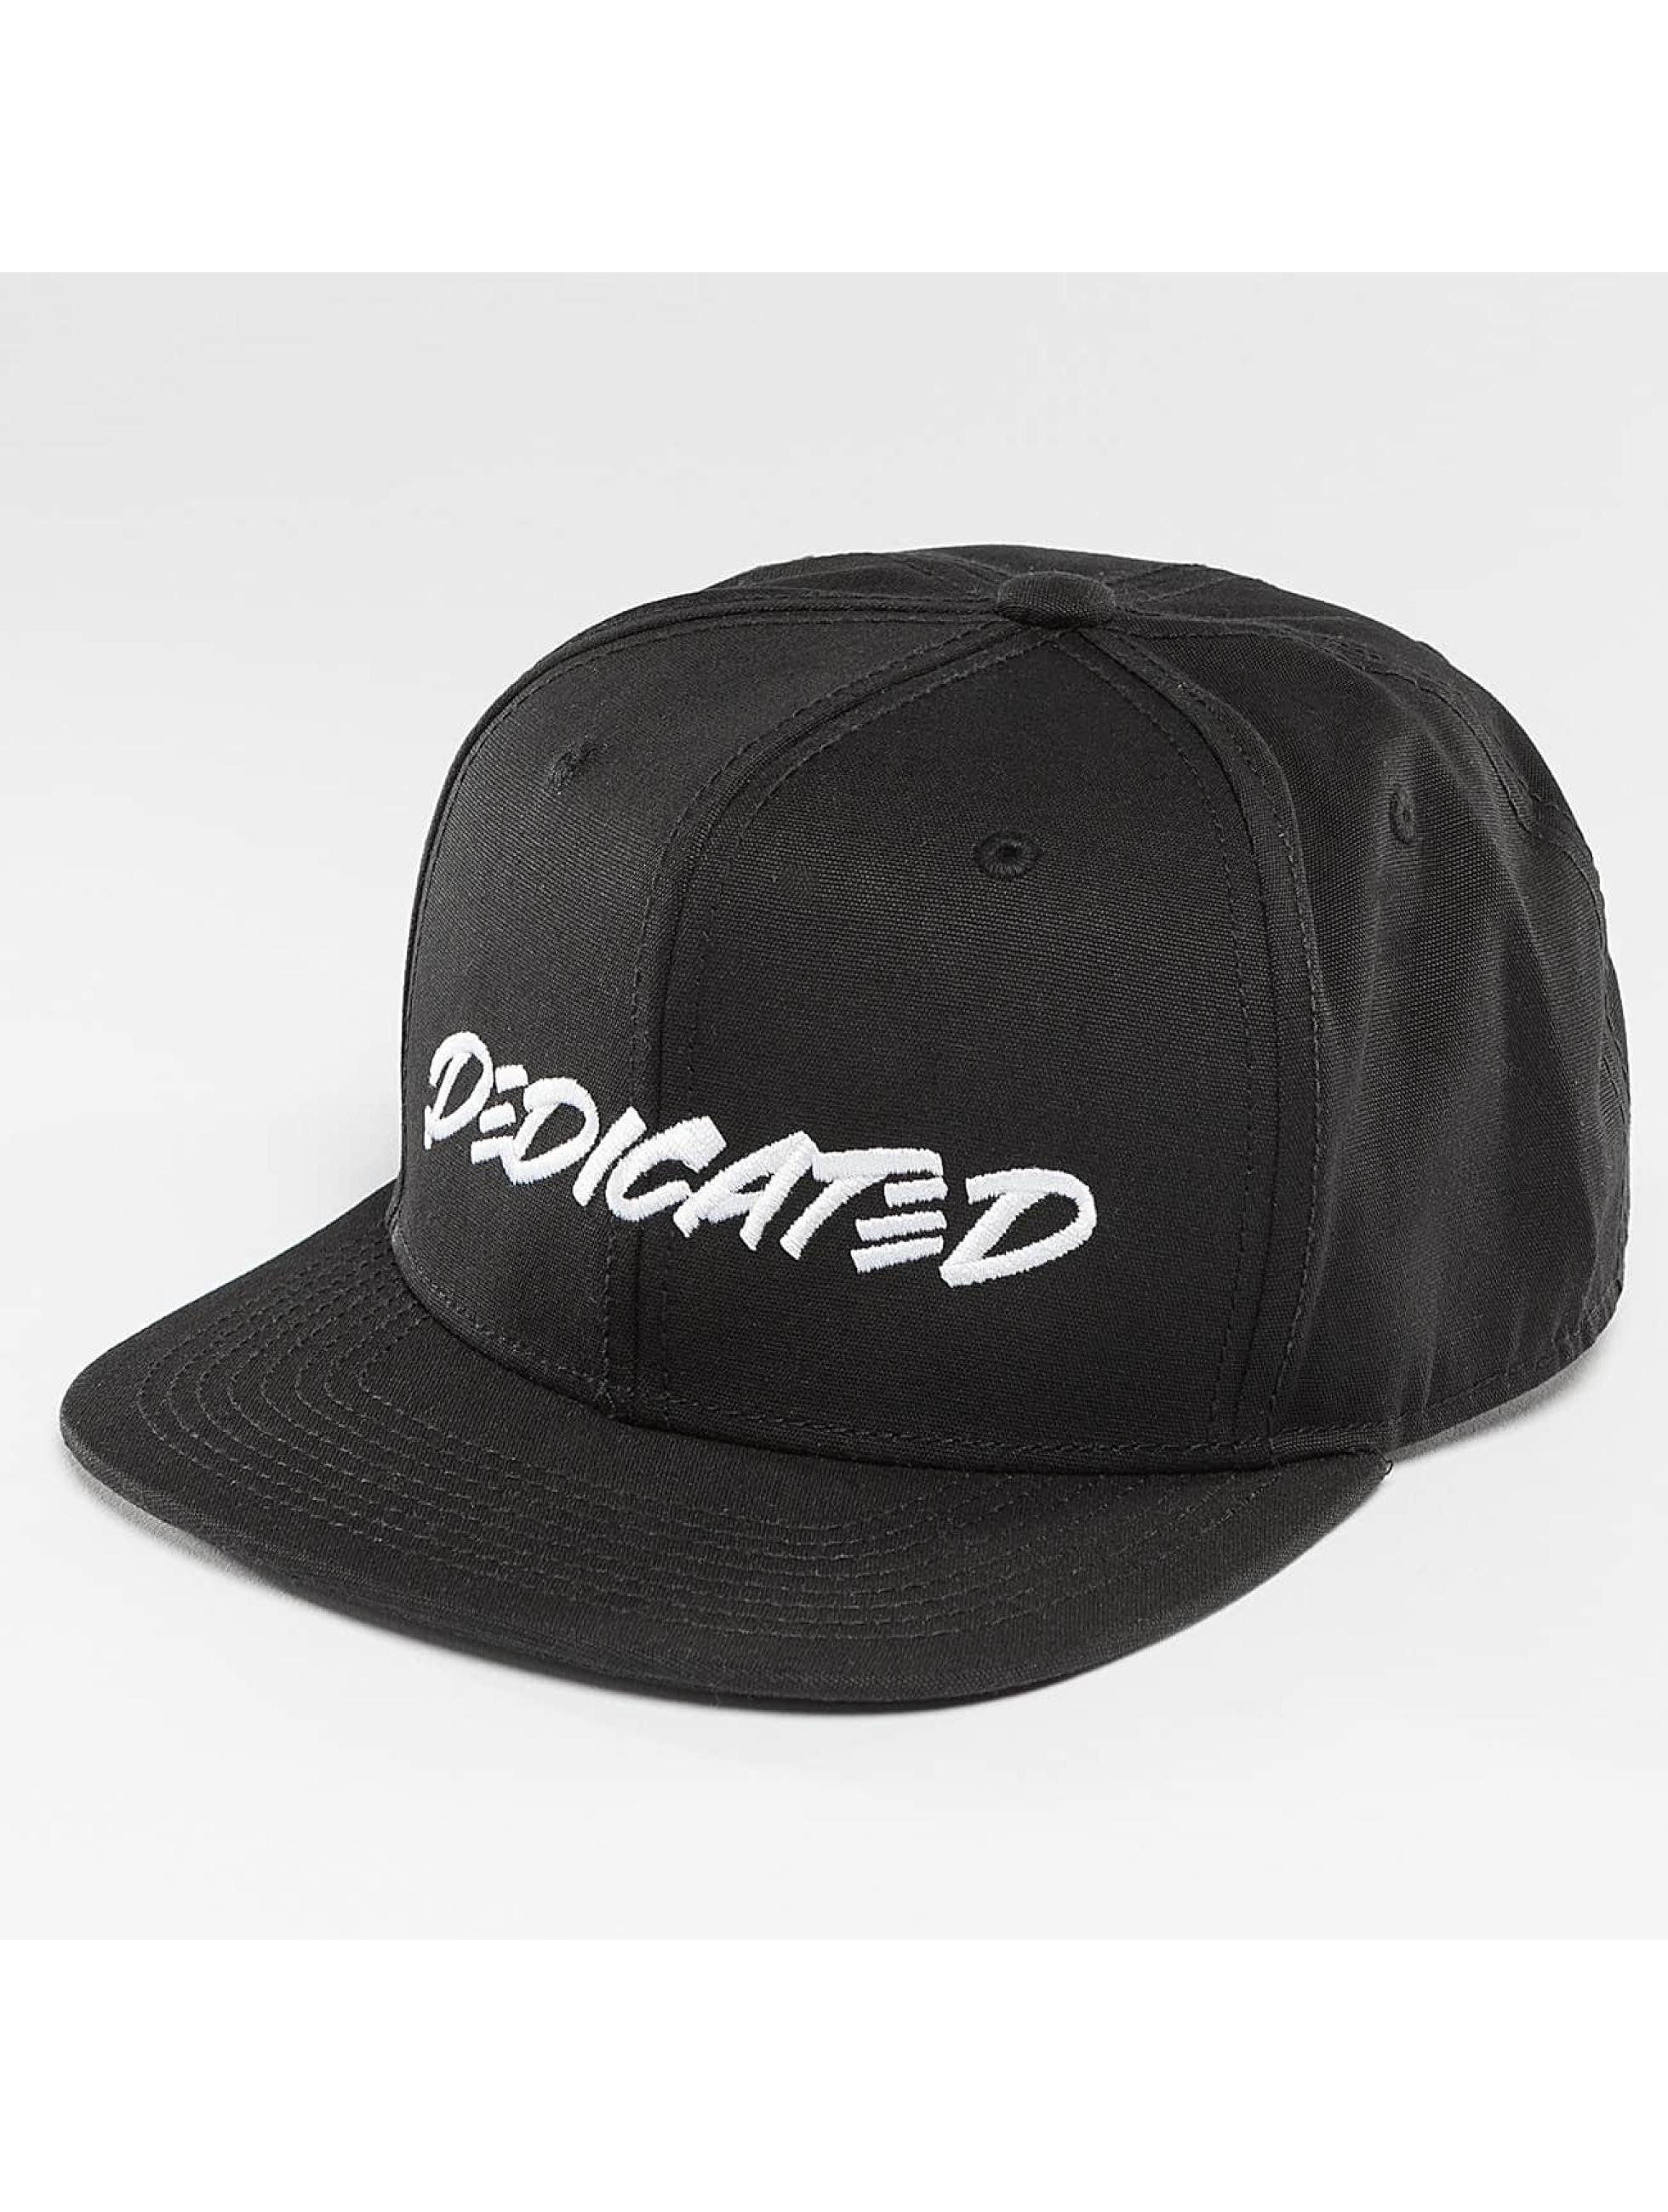 DEDICATED Männer,Frauen Snapback Cap Marker Black in schwarz